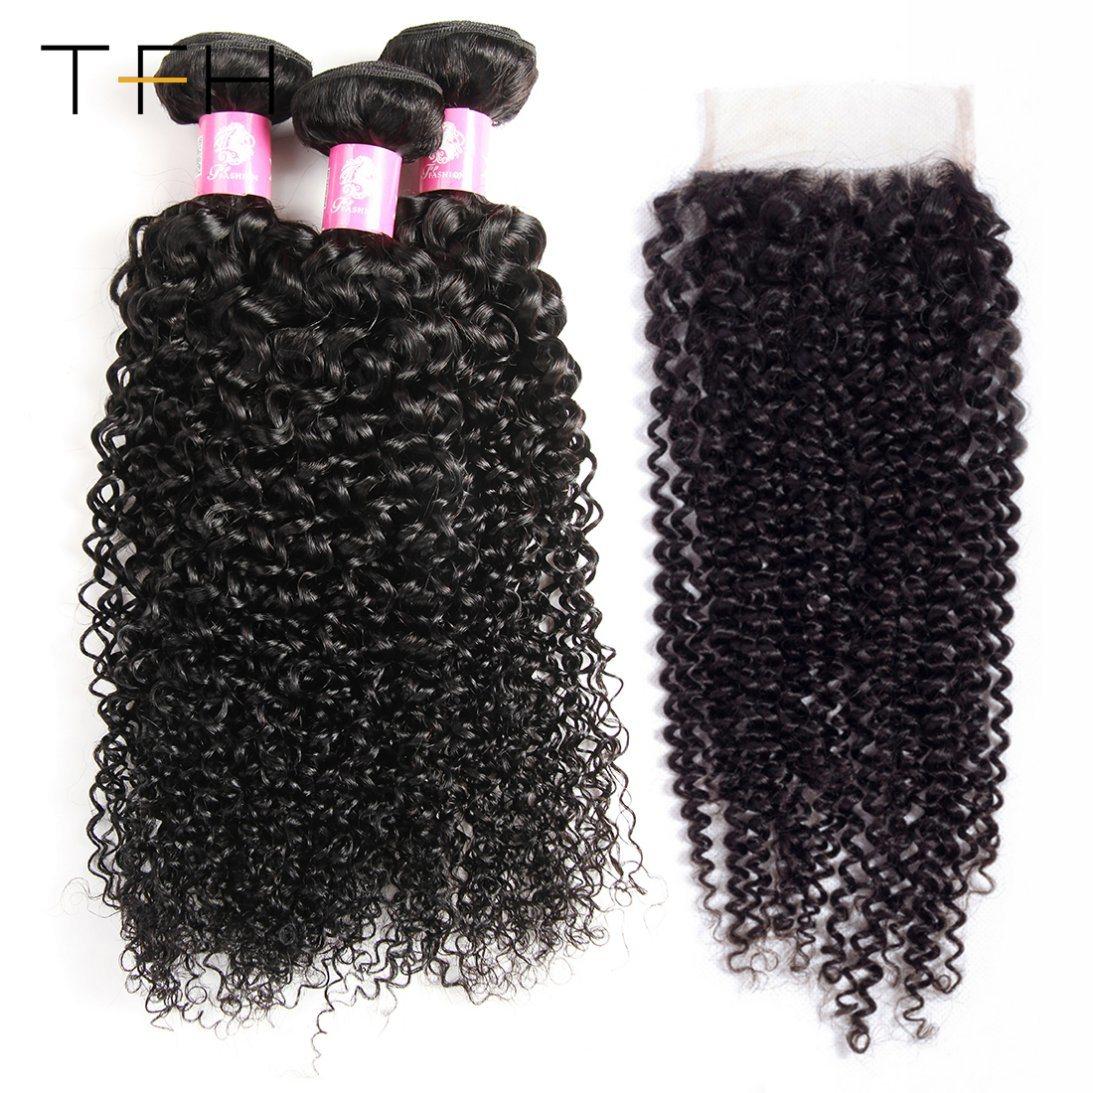 China Human Hair Bundles With Closure Peruvian Kinky Curly Hair